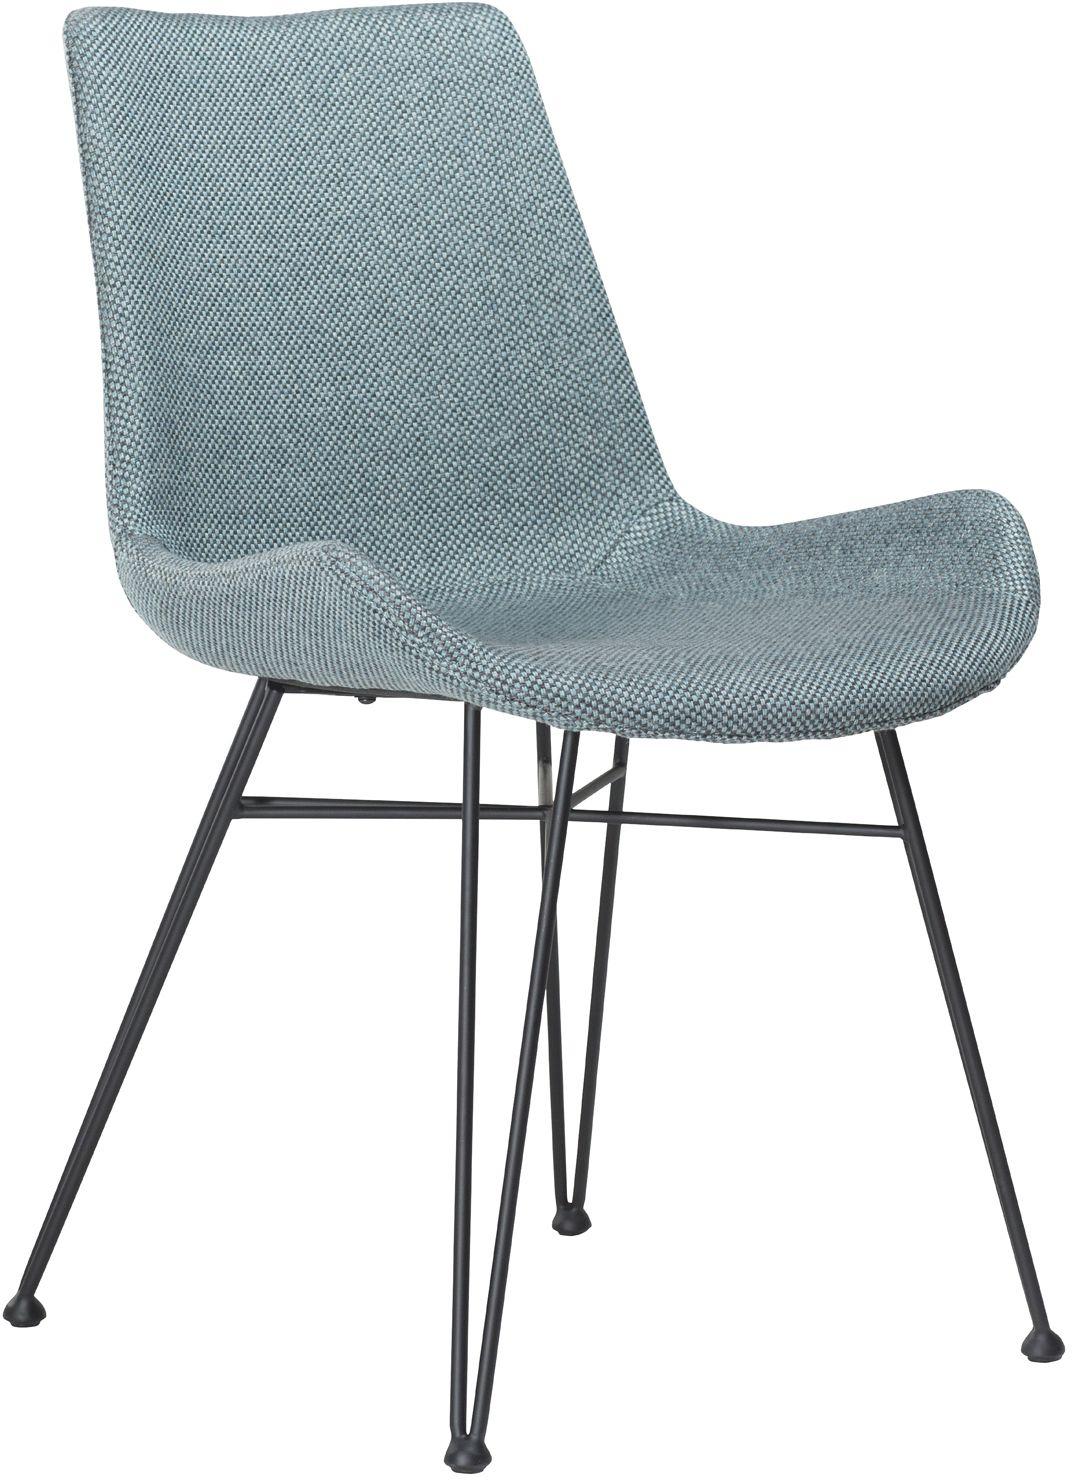 Blauwe Design Stoelen.Hype Stoel Blauw Dan Form Woonkamer Chair Design Outdoor